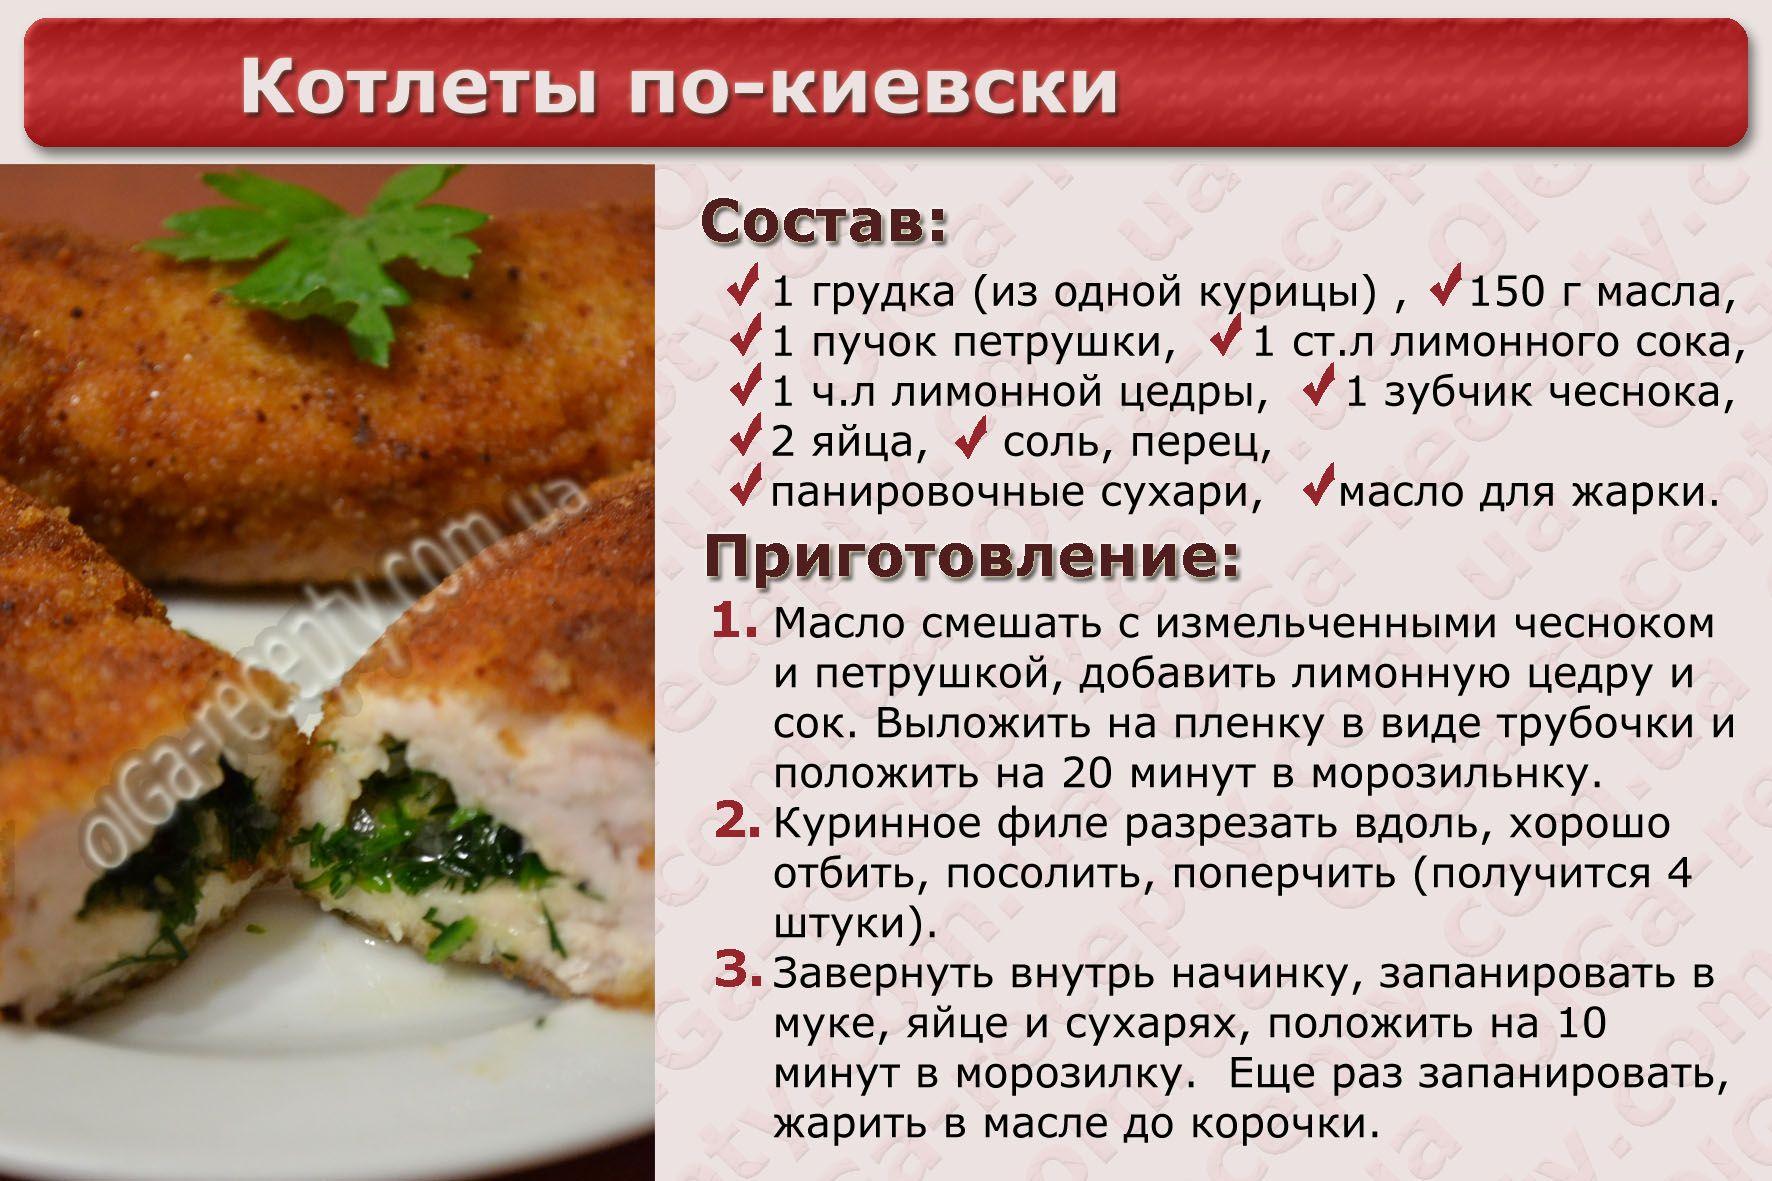 купить, рецепты разных блюд с пошаговыми фото это